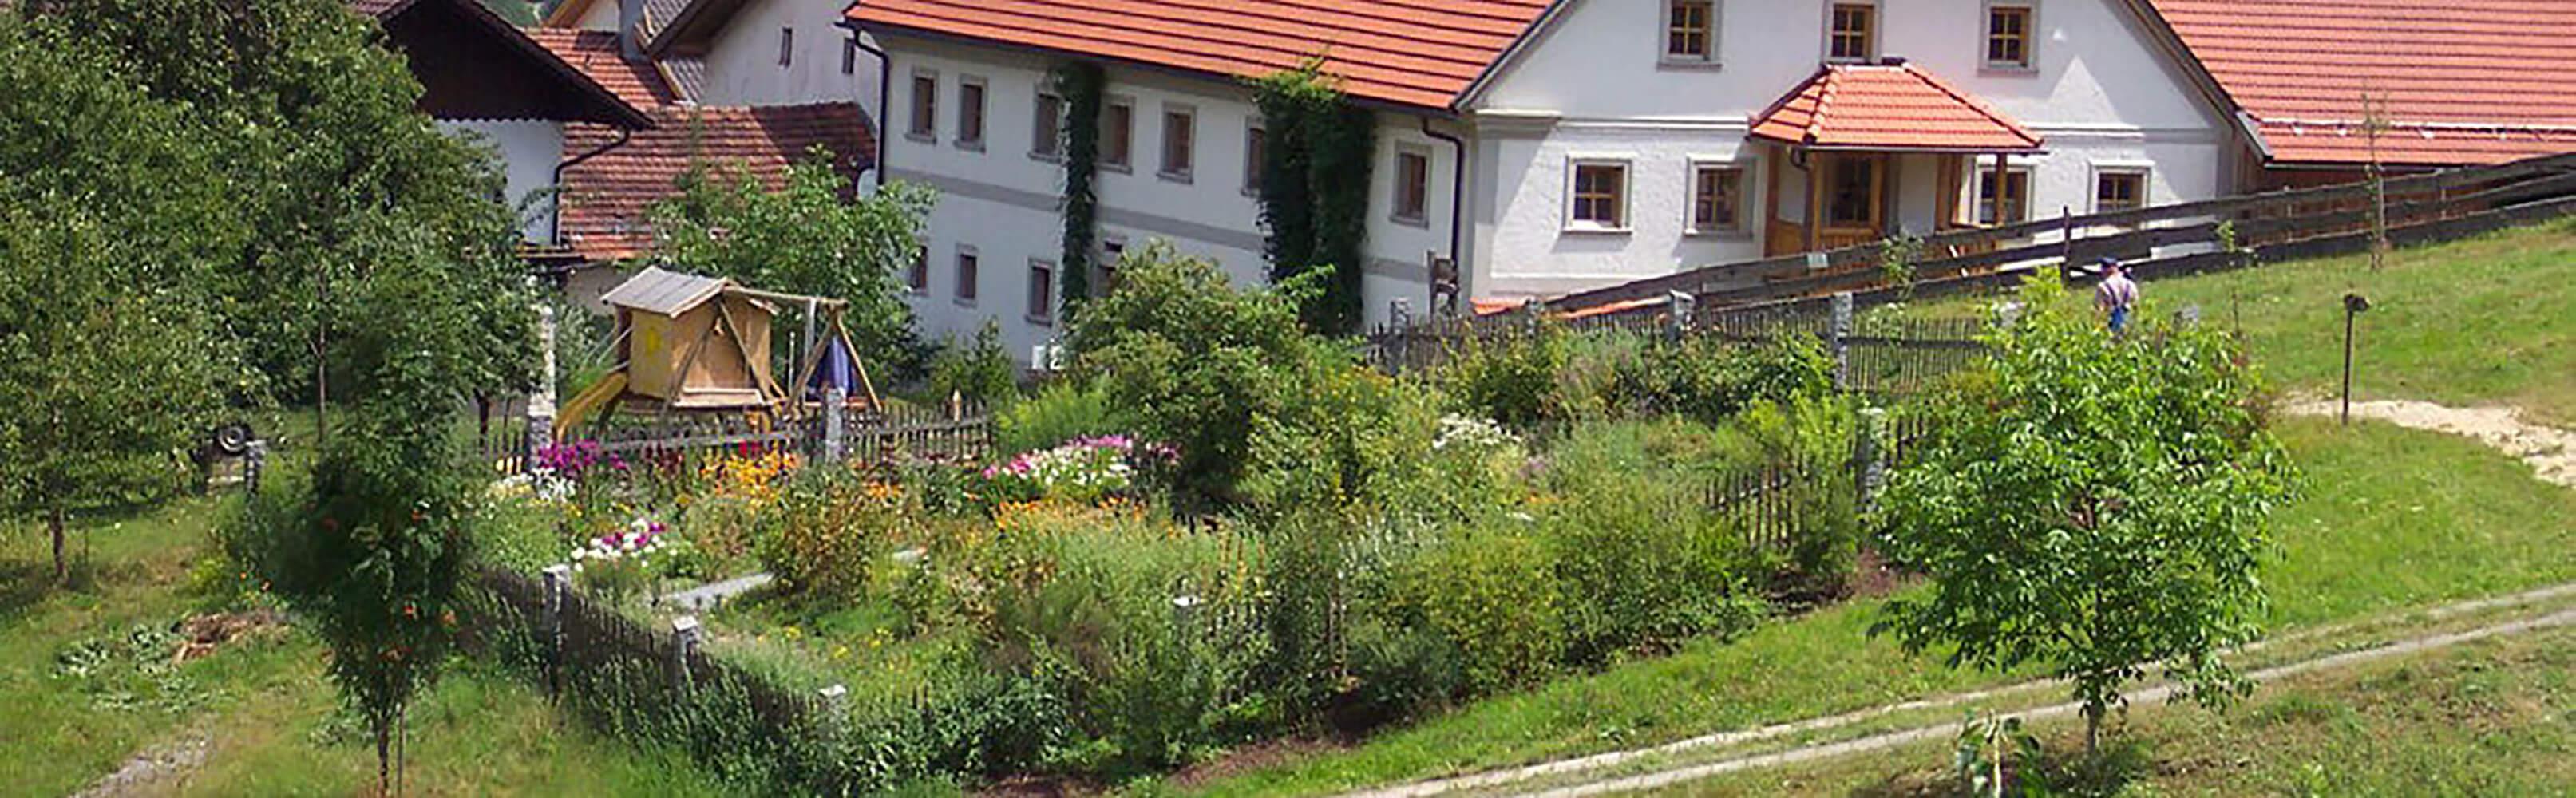 Urlaub auf dem Bauernhof - Kräuterhof im Bayerischen Wald 1